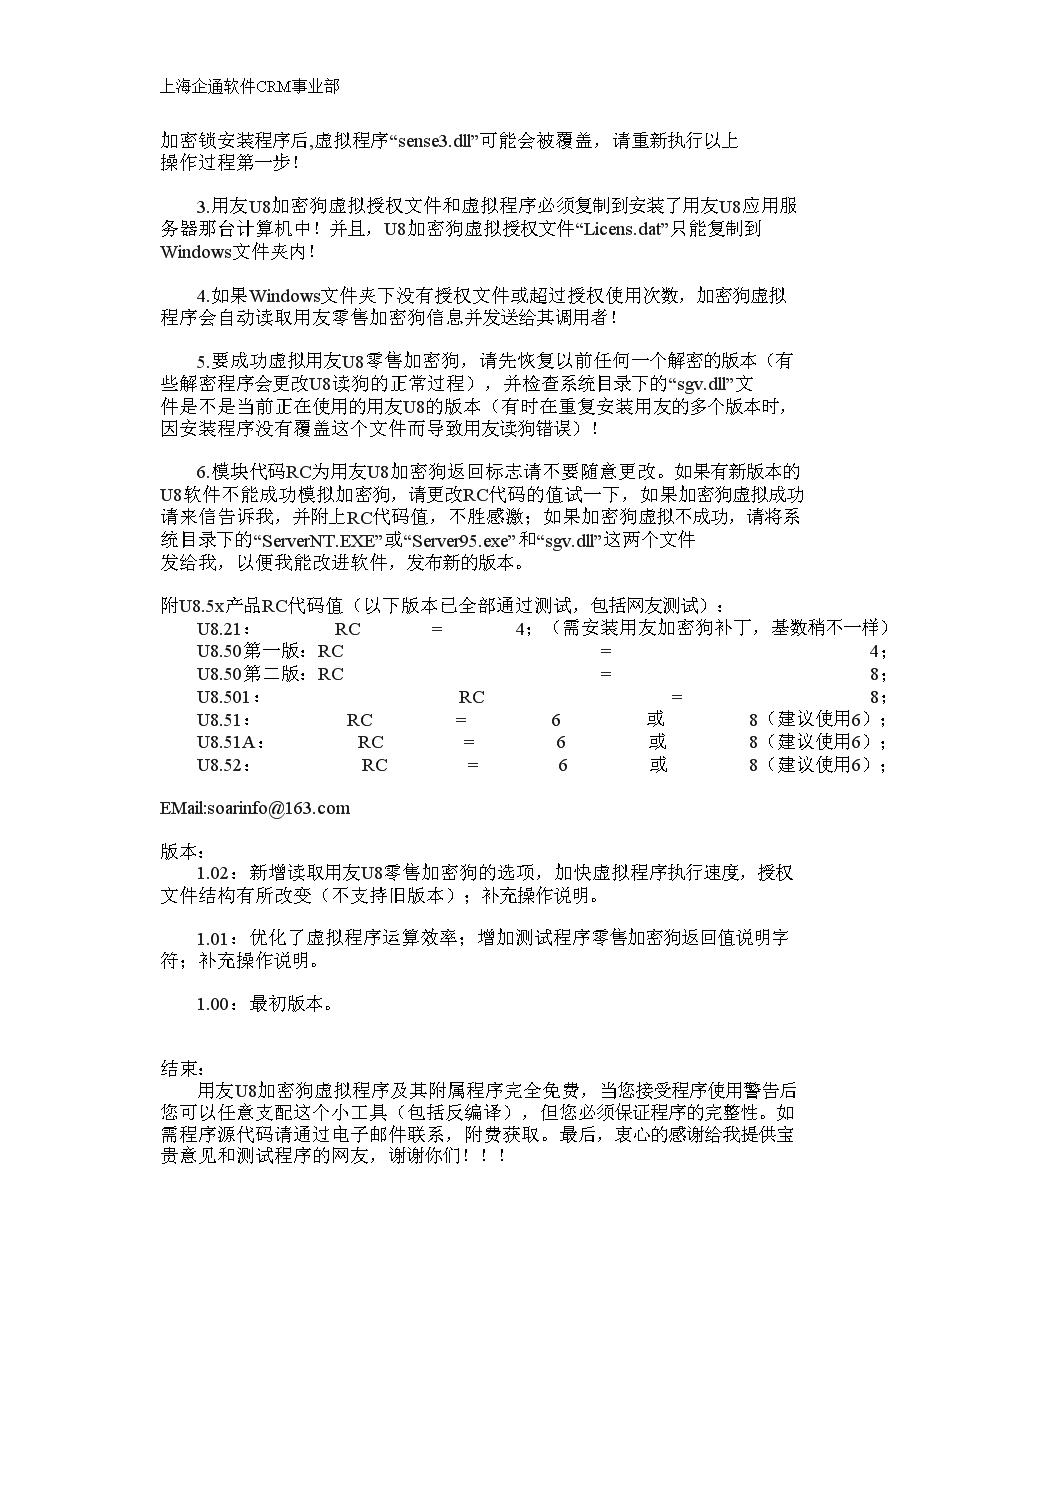 5x)授权程序 使用说明